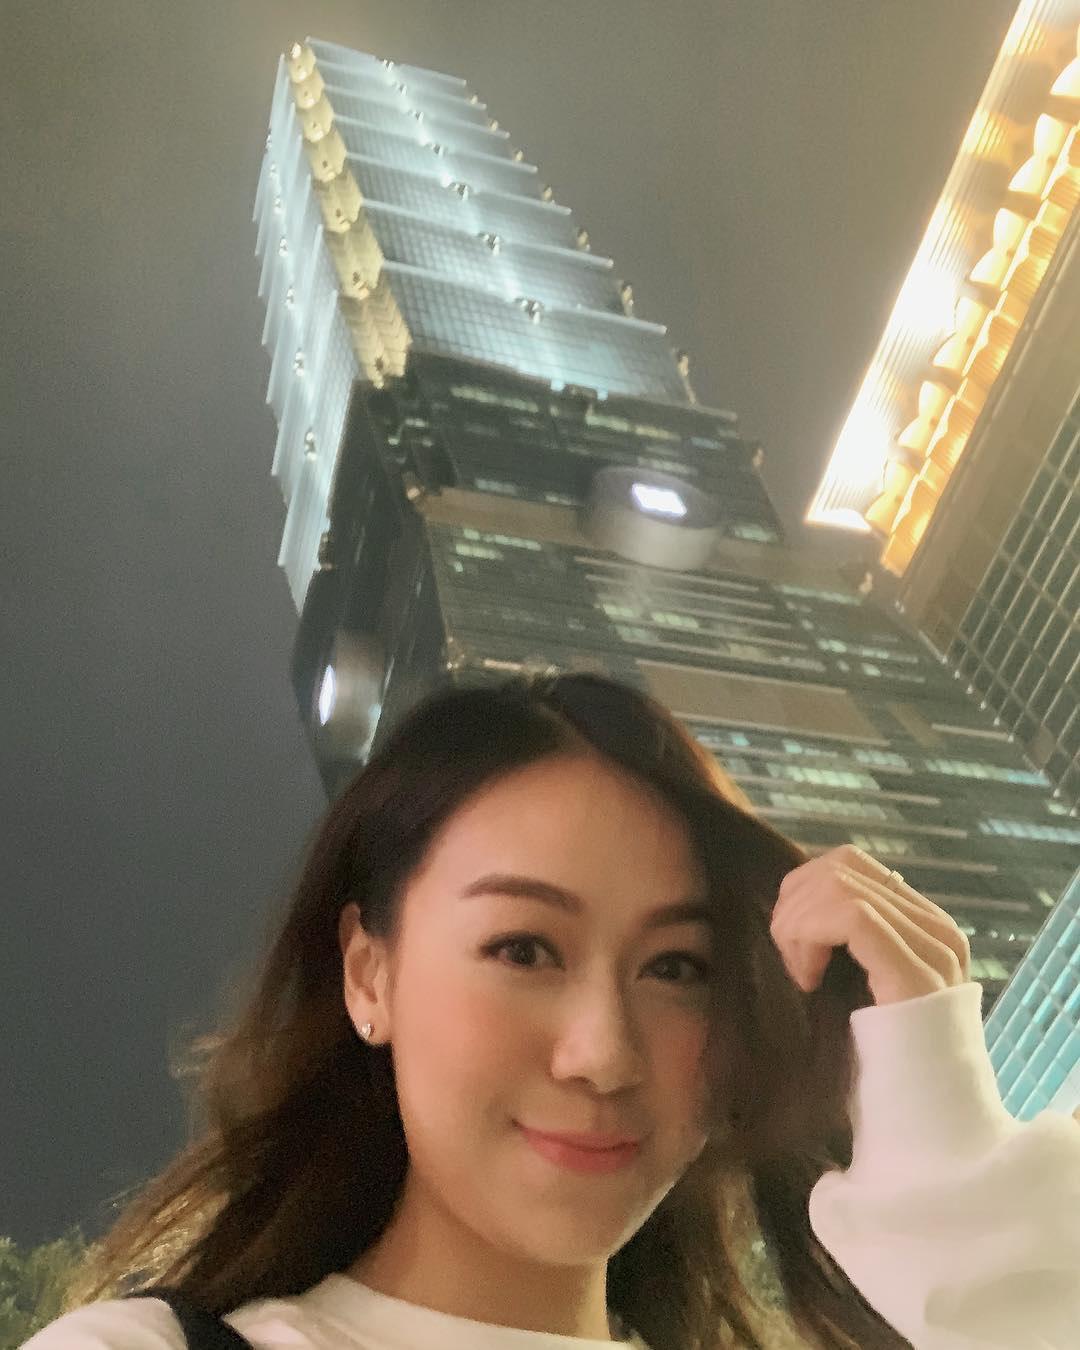 黃心穎今年2月時曾到台灣拍攝TVB戲劇「法證先鋒」,在101大樓拍照留念。(翻攝自黃心穎IG)